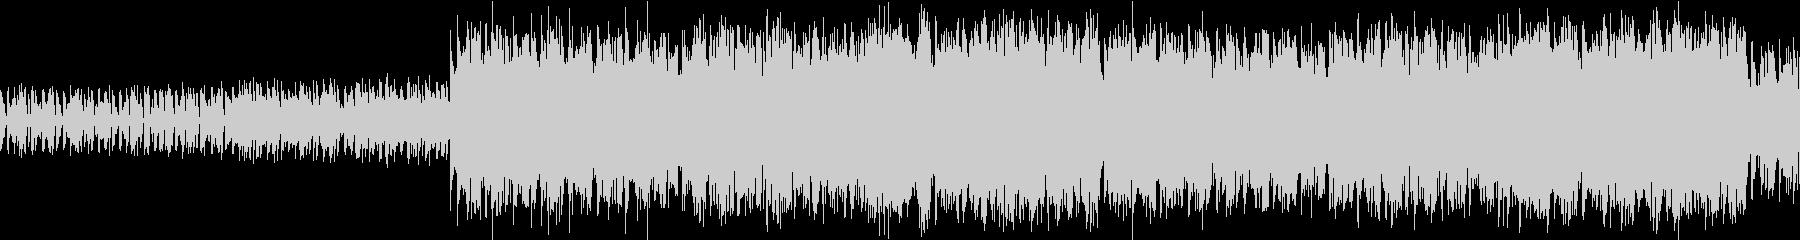 レトロなRPGバトル、ボスバトルループの未再生の波形